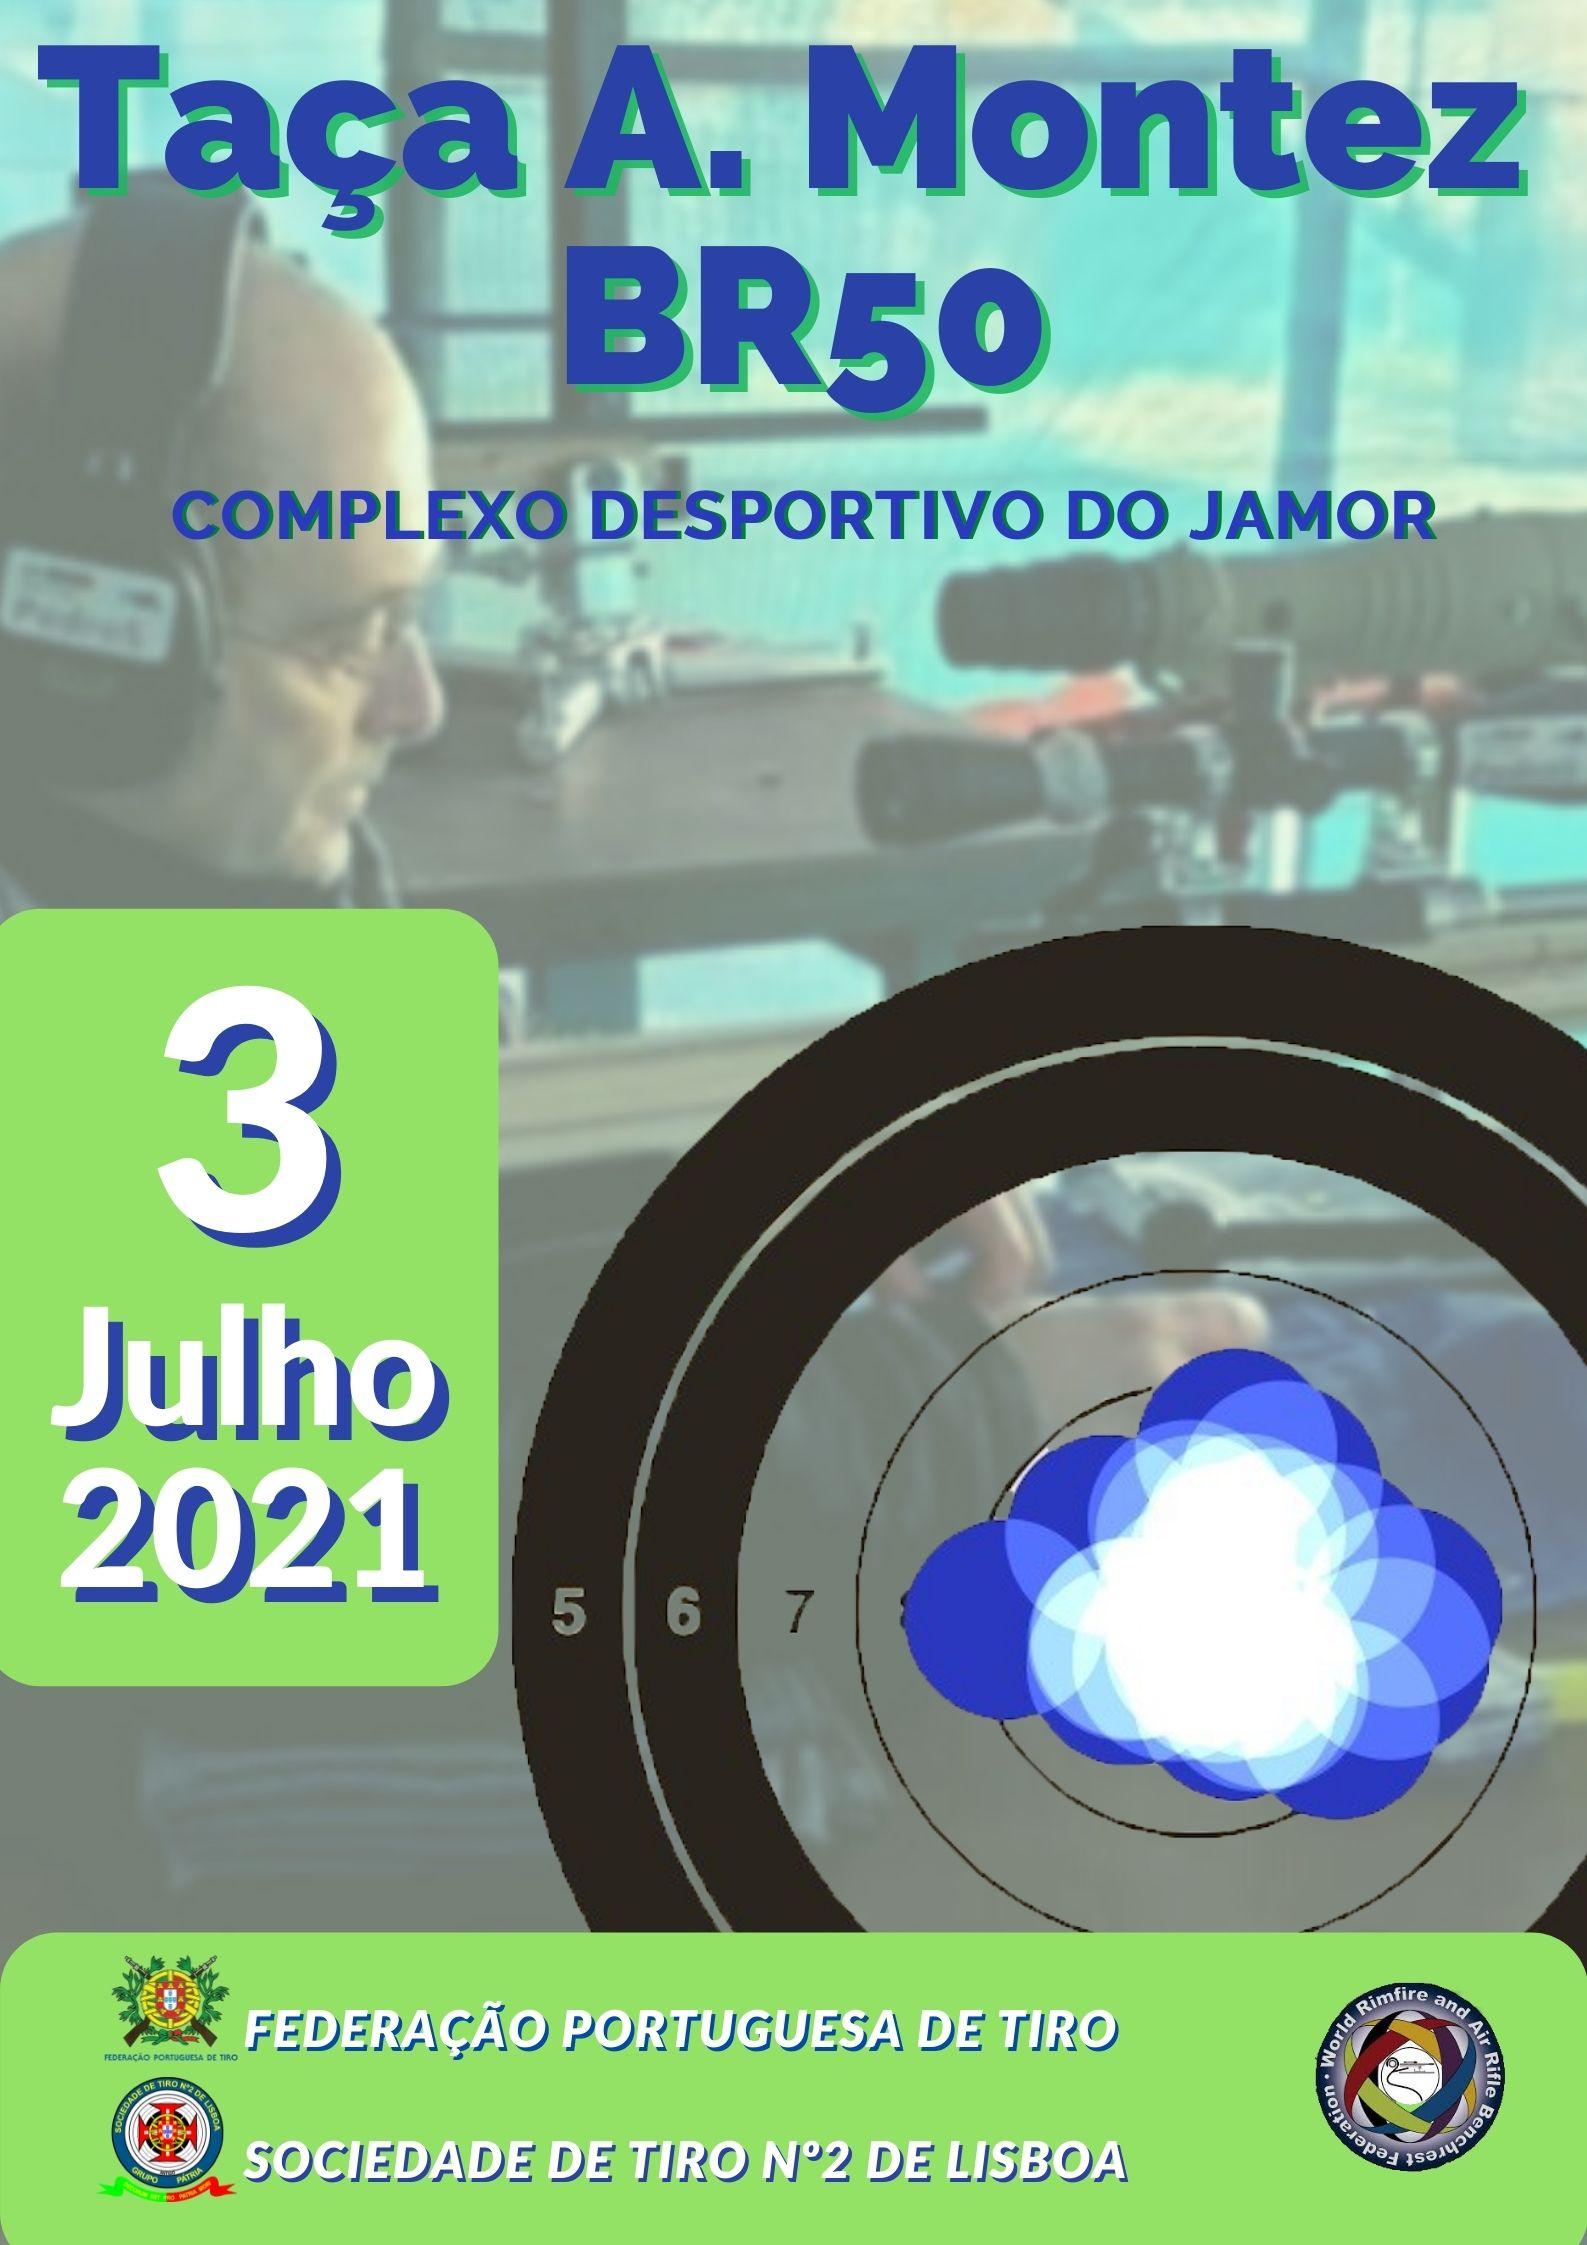 Taça A. Montez BR50 2021